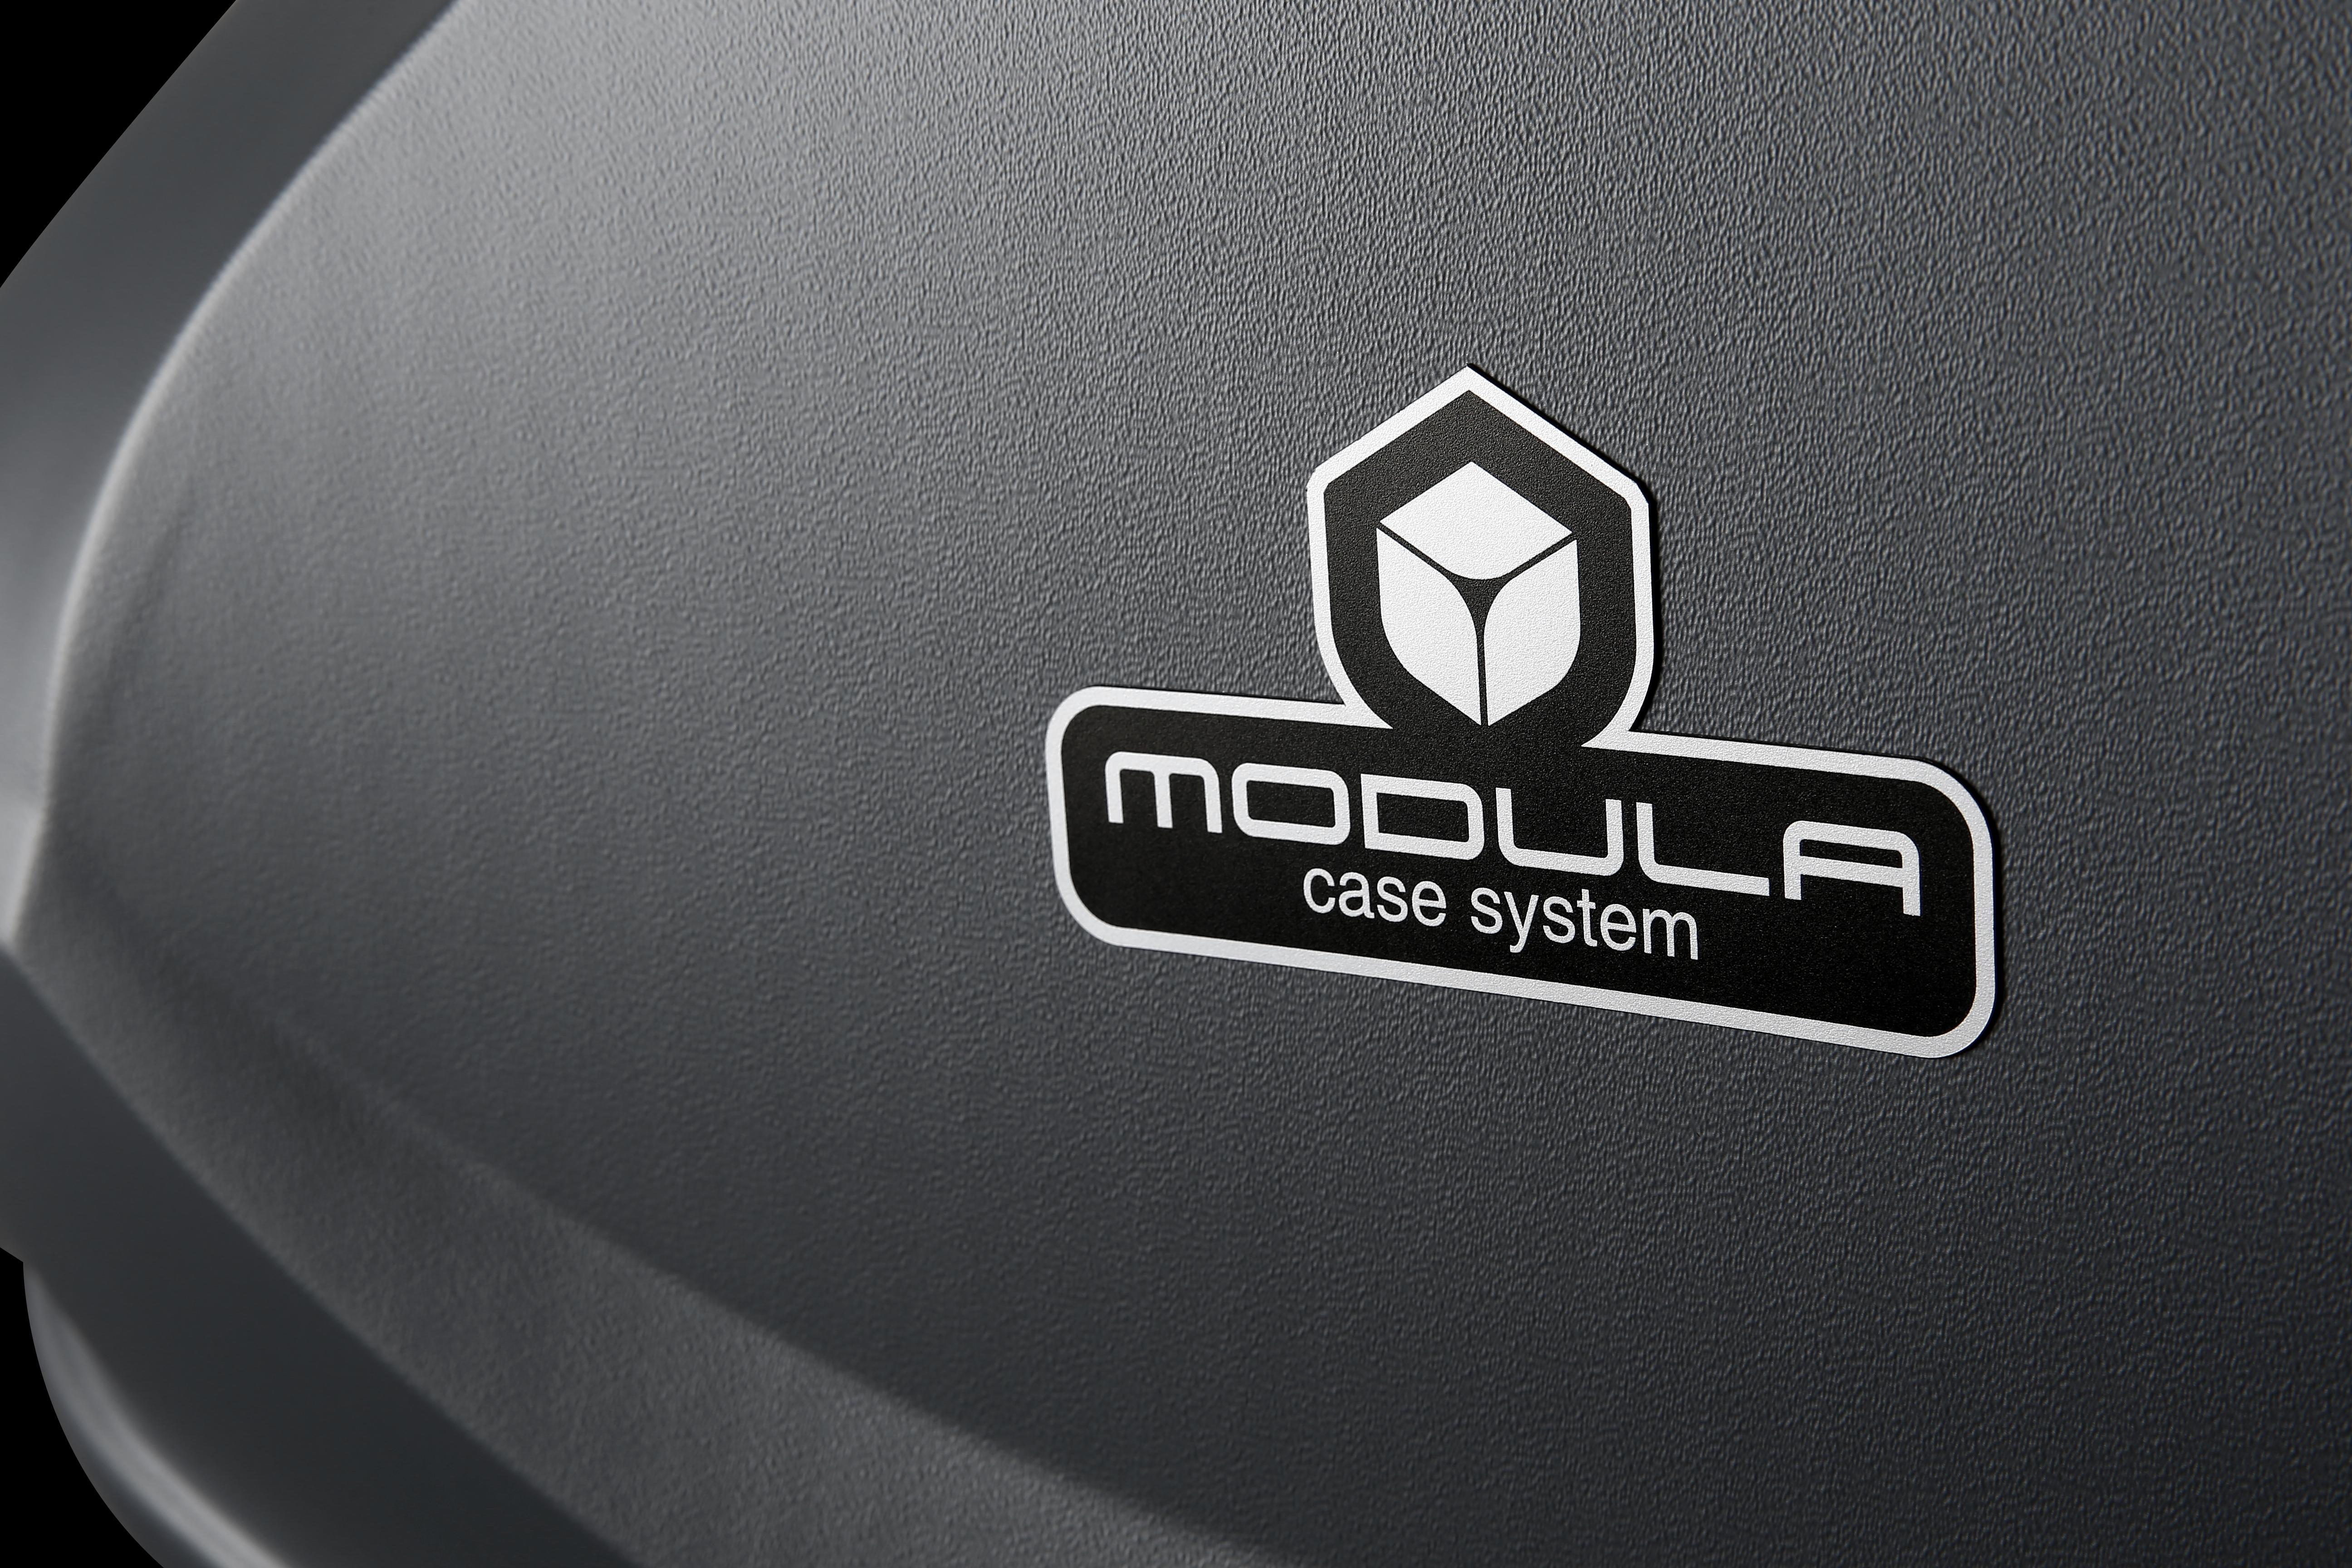 MOCS0172 MODULA original quality